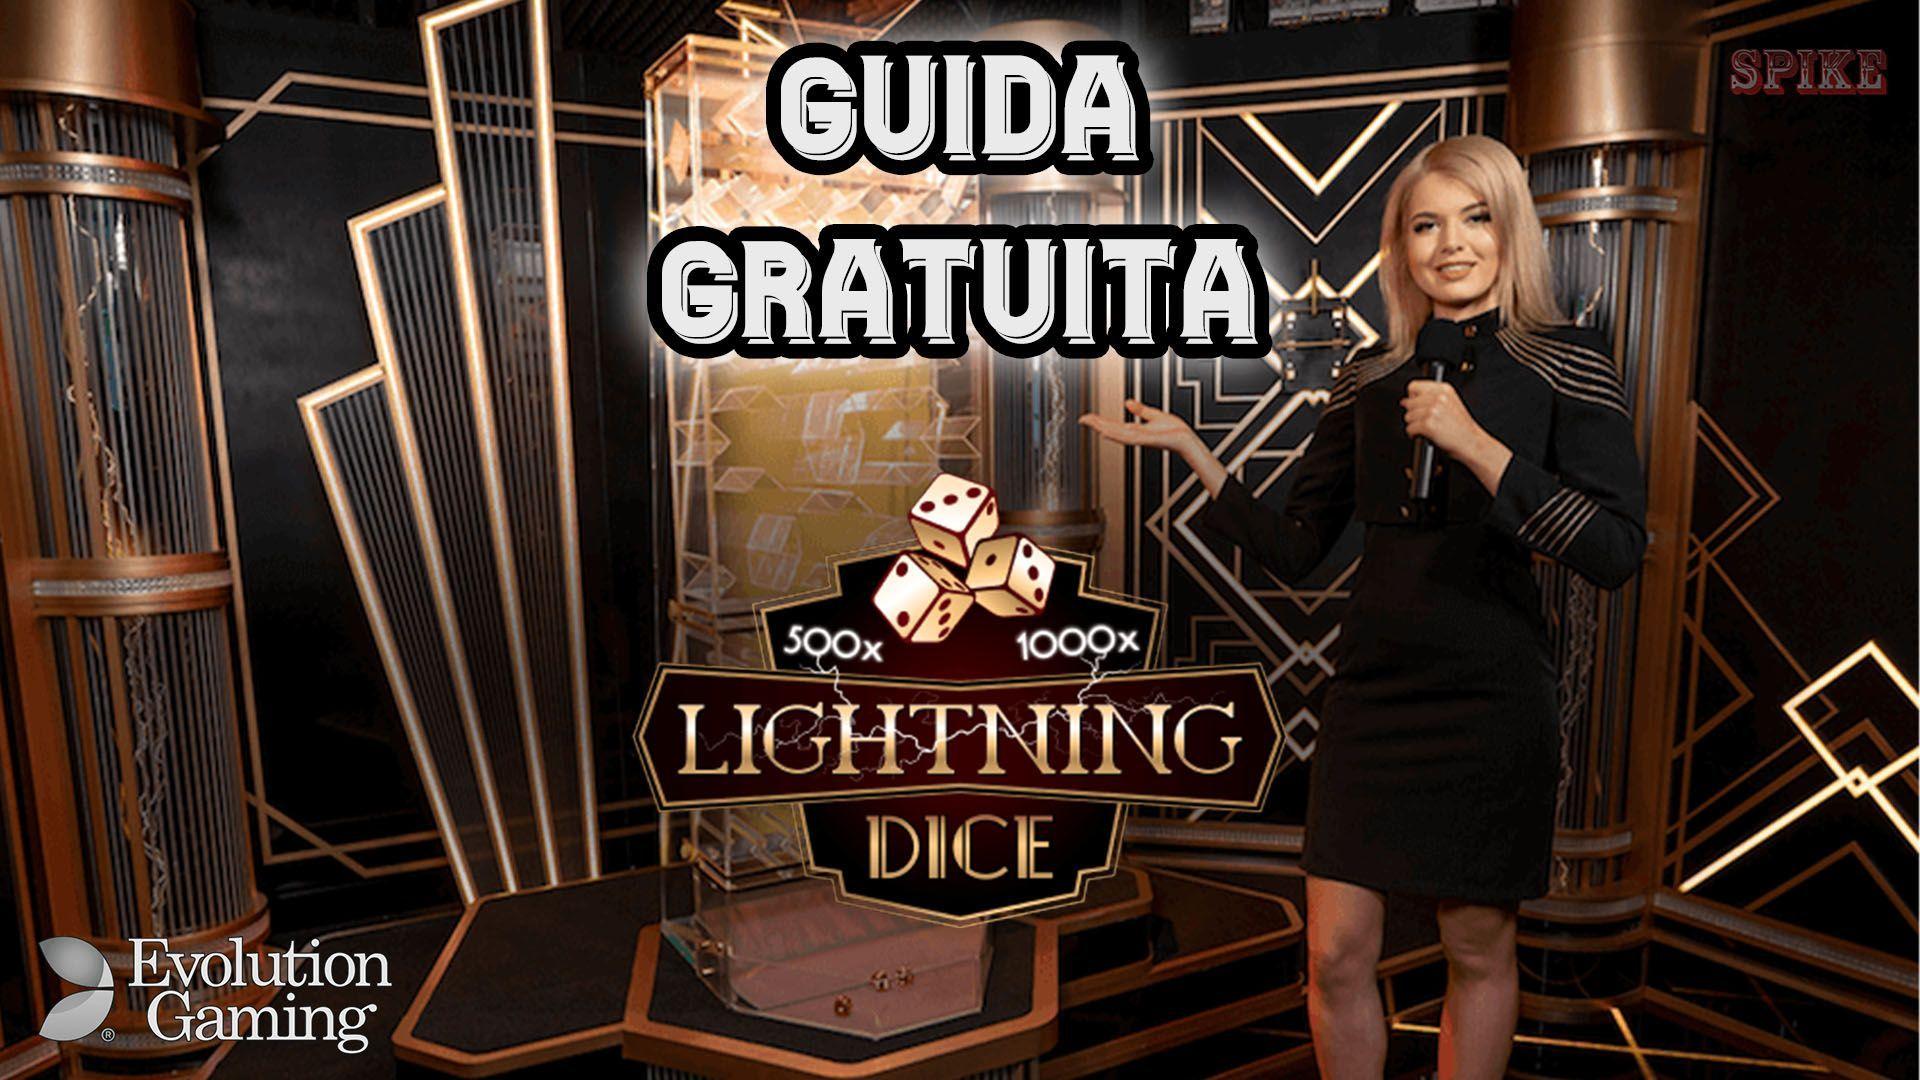 Lightning Dice Evolution Gaming Guida Gratis